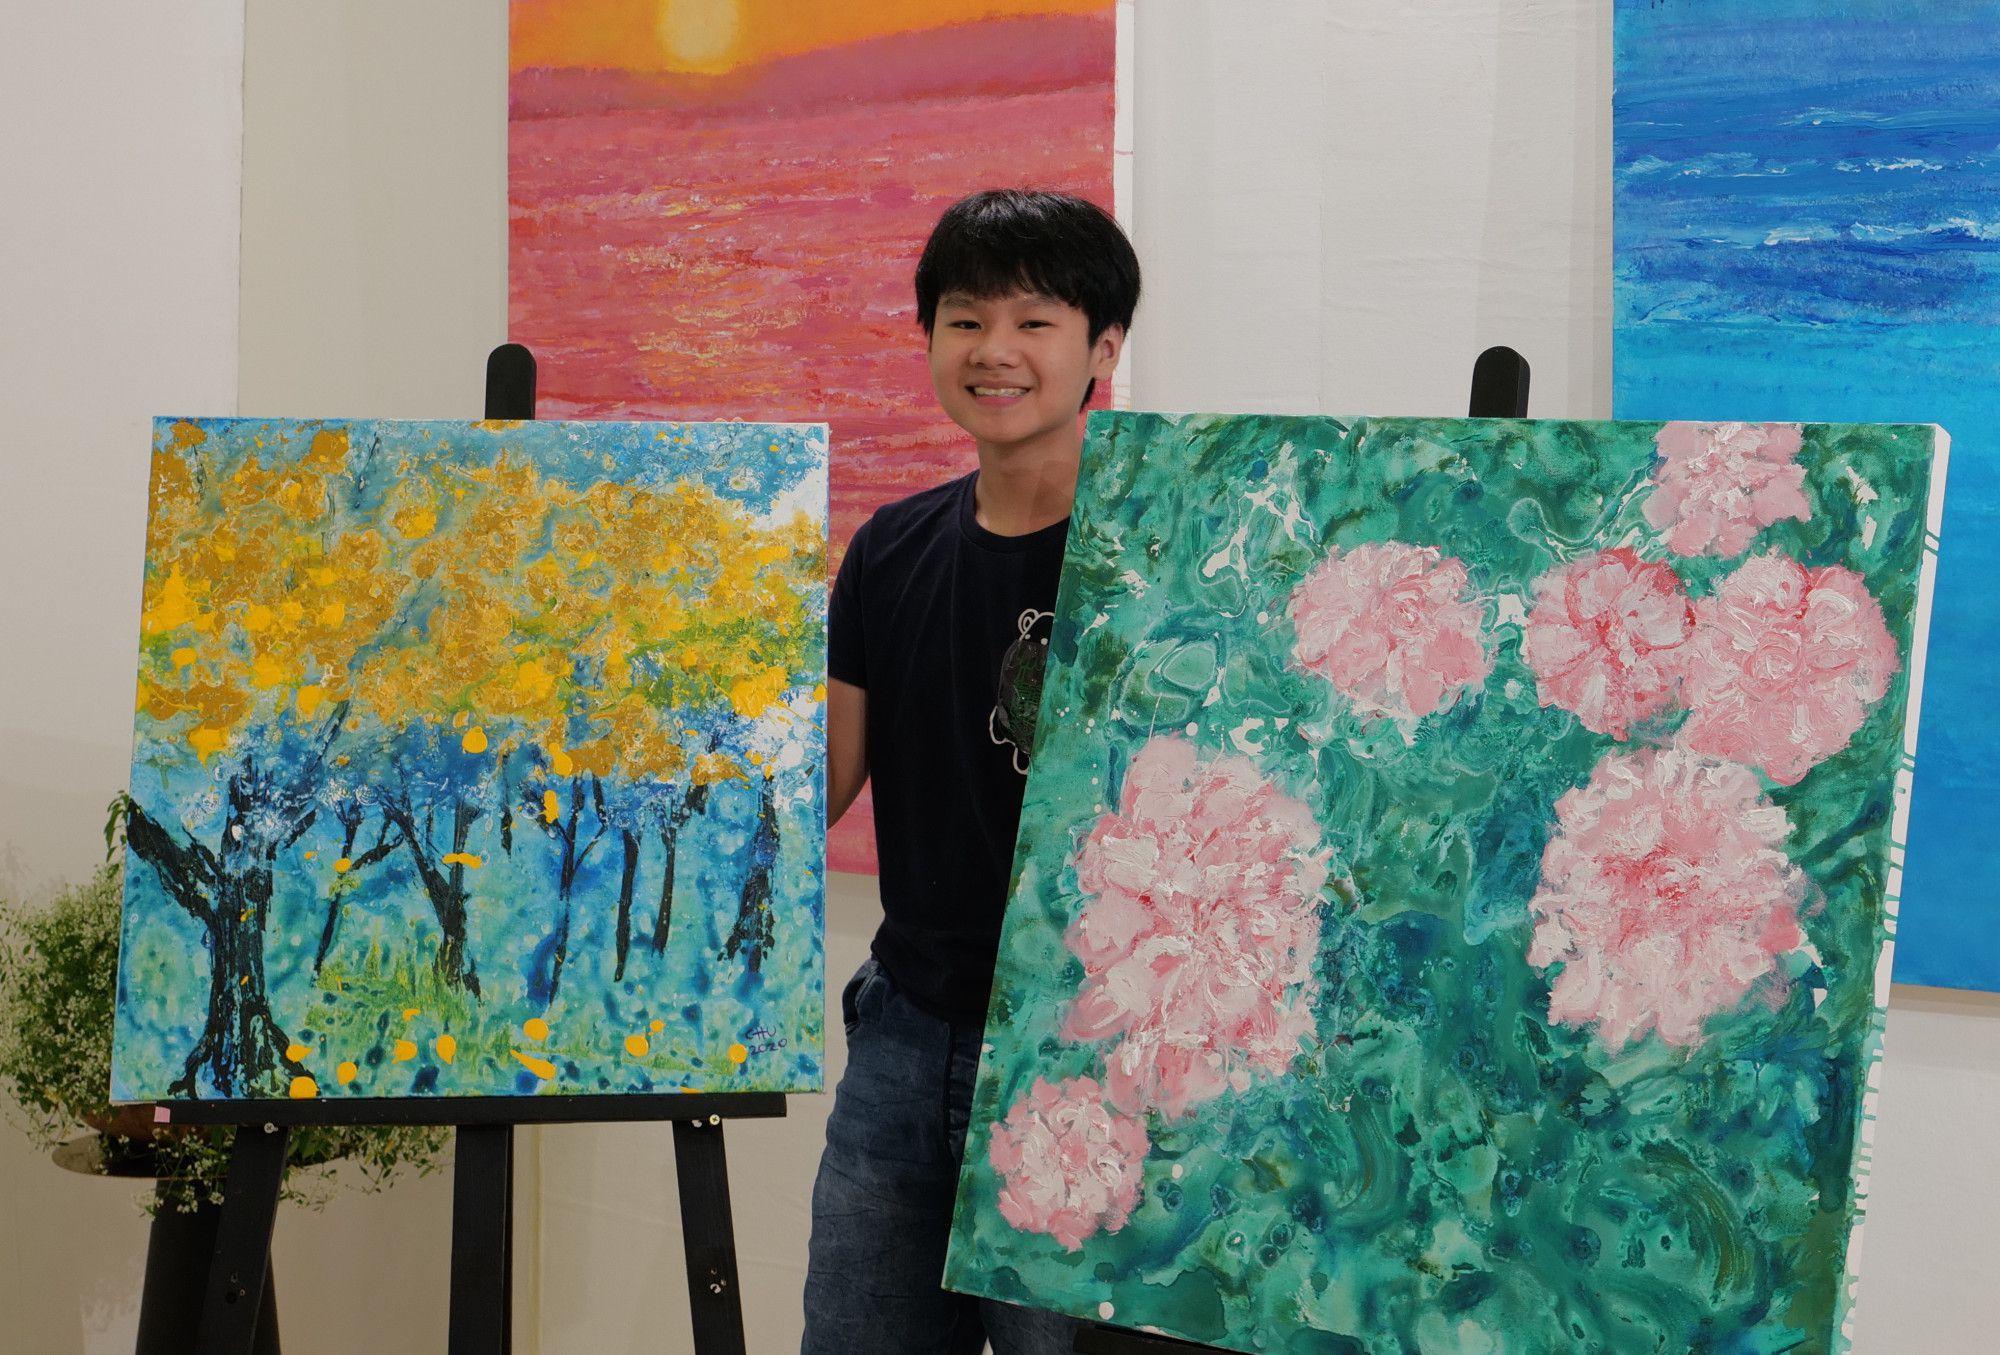 Nghệ sĩ trẻ Xèo Chu được cộng đồng nghệ thuật quốc tế biết đến với những tác phẩm nghệ thuật có thể so sánh với danh họa người Mỹ Jackson Pollock.